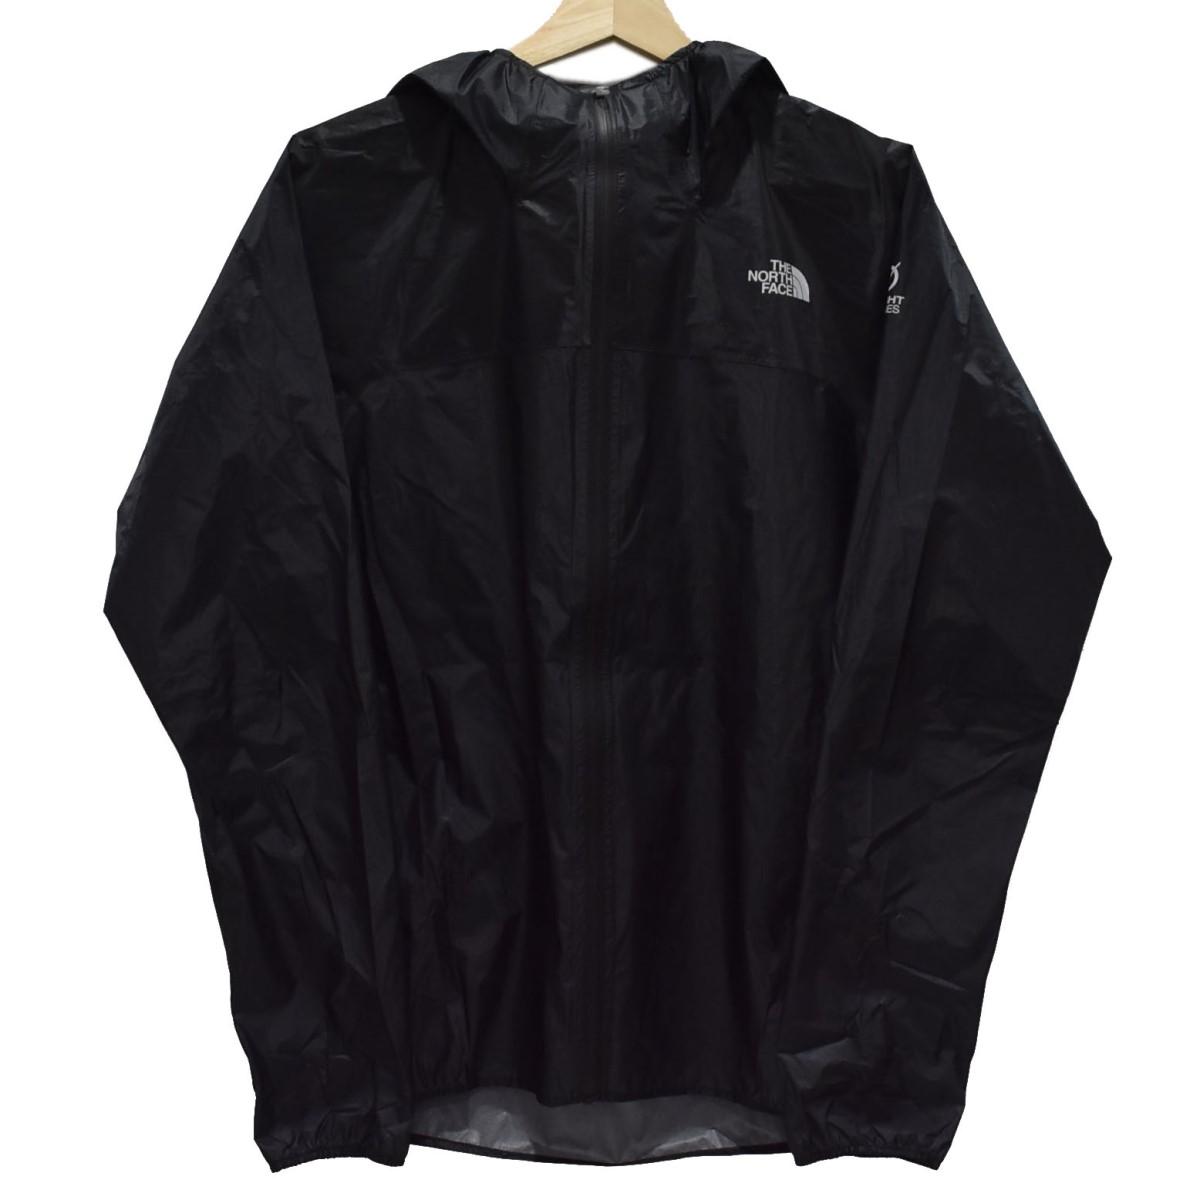 【中古】THE NORTH FACE Strike Trail Hoodie/NP61971 ジャケット ブラック サイズ:L 【180720】(ザノースフェイス)